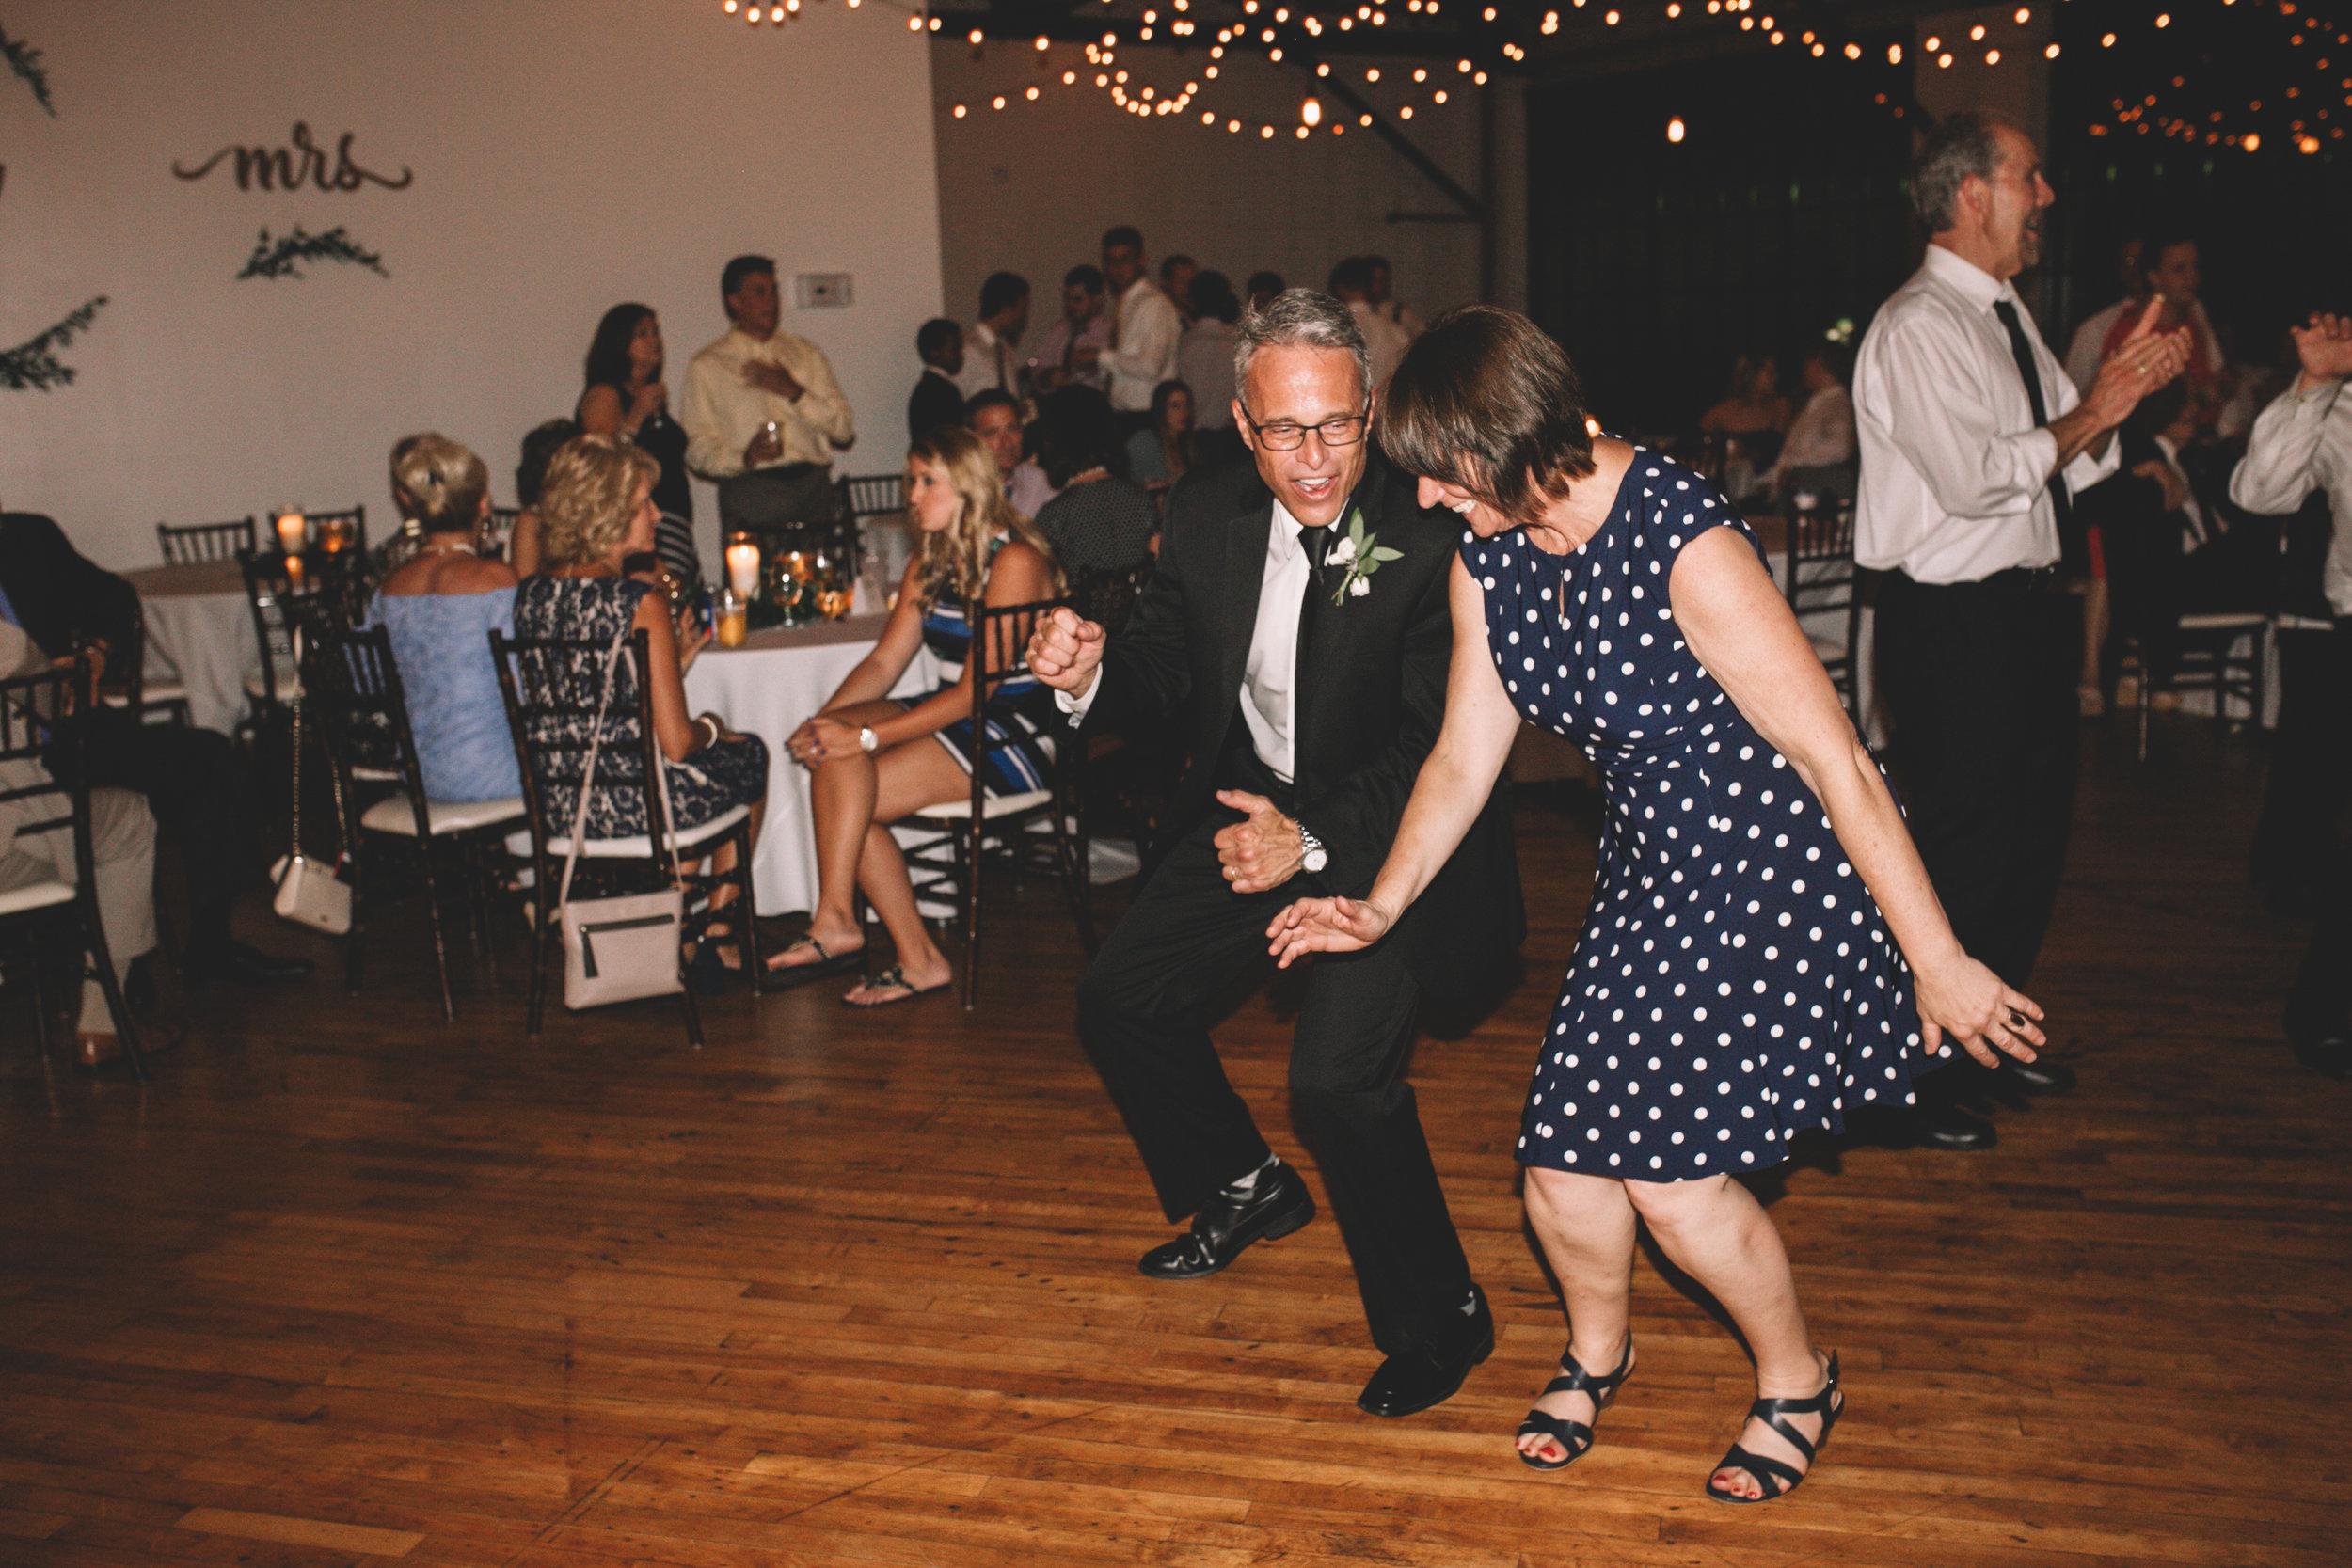 Mitch + Elizabeth The Pointe Wedding Louisville KY  (963 of 1023).jpg